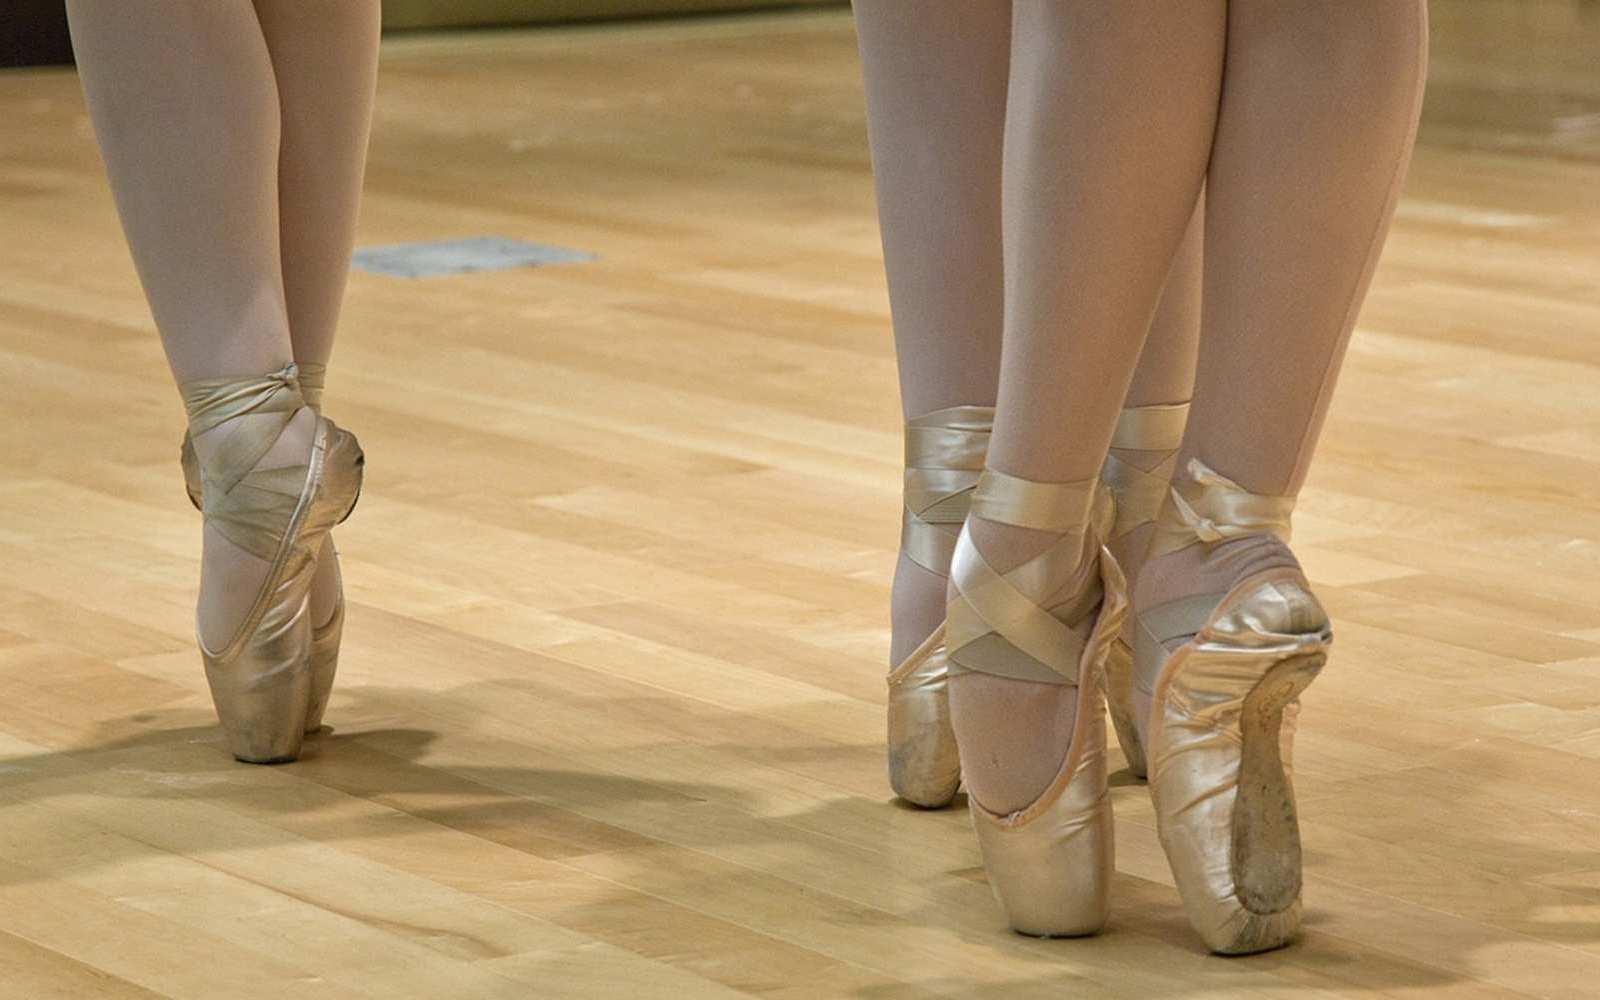 Dein Kind wollte schon immer einmal einen Tanzkurs besuchen? Ferienworkshops sind perfekt zum Hineinschnuppern. Und wer weiß, vielleicht schlummert ein echtes Tanztalent in deinem Nachwuchs.